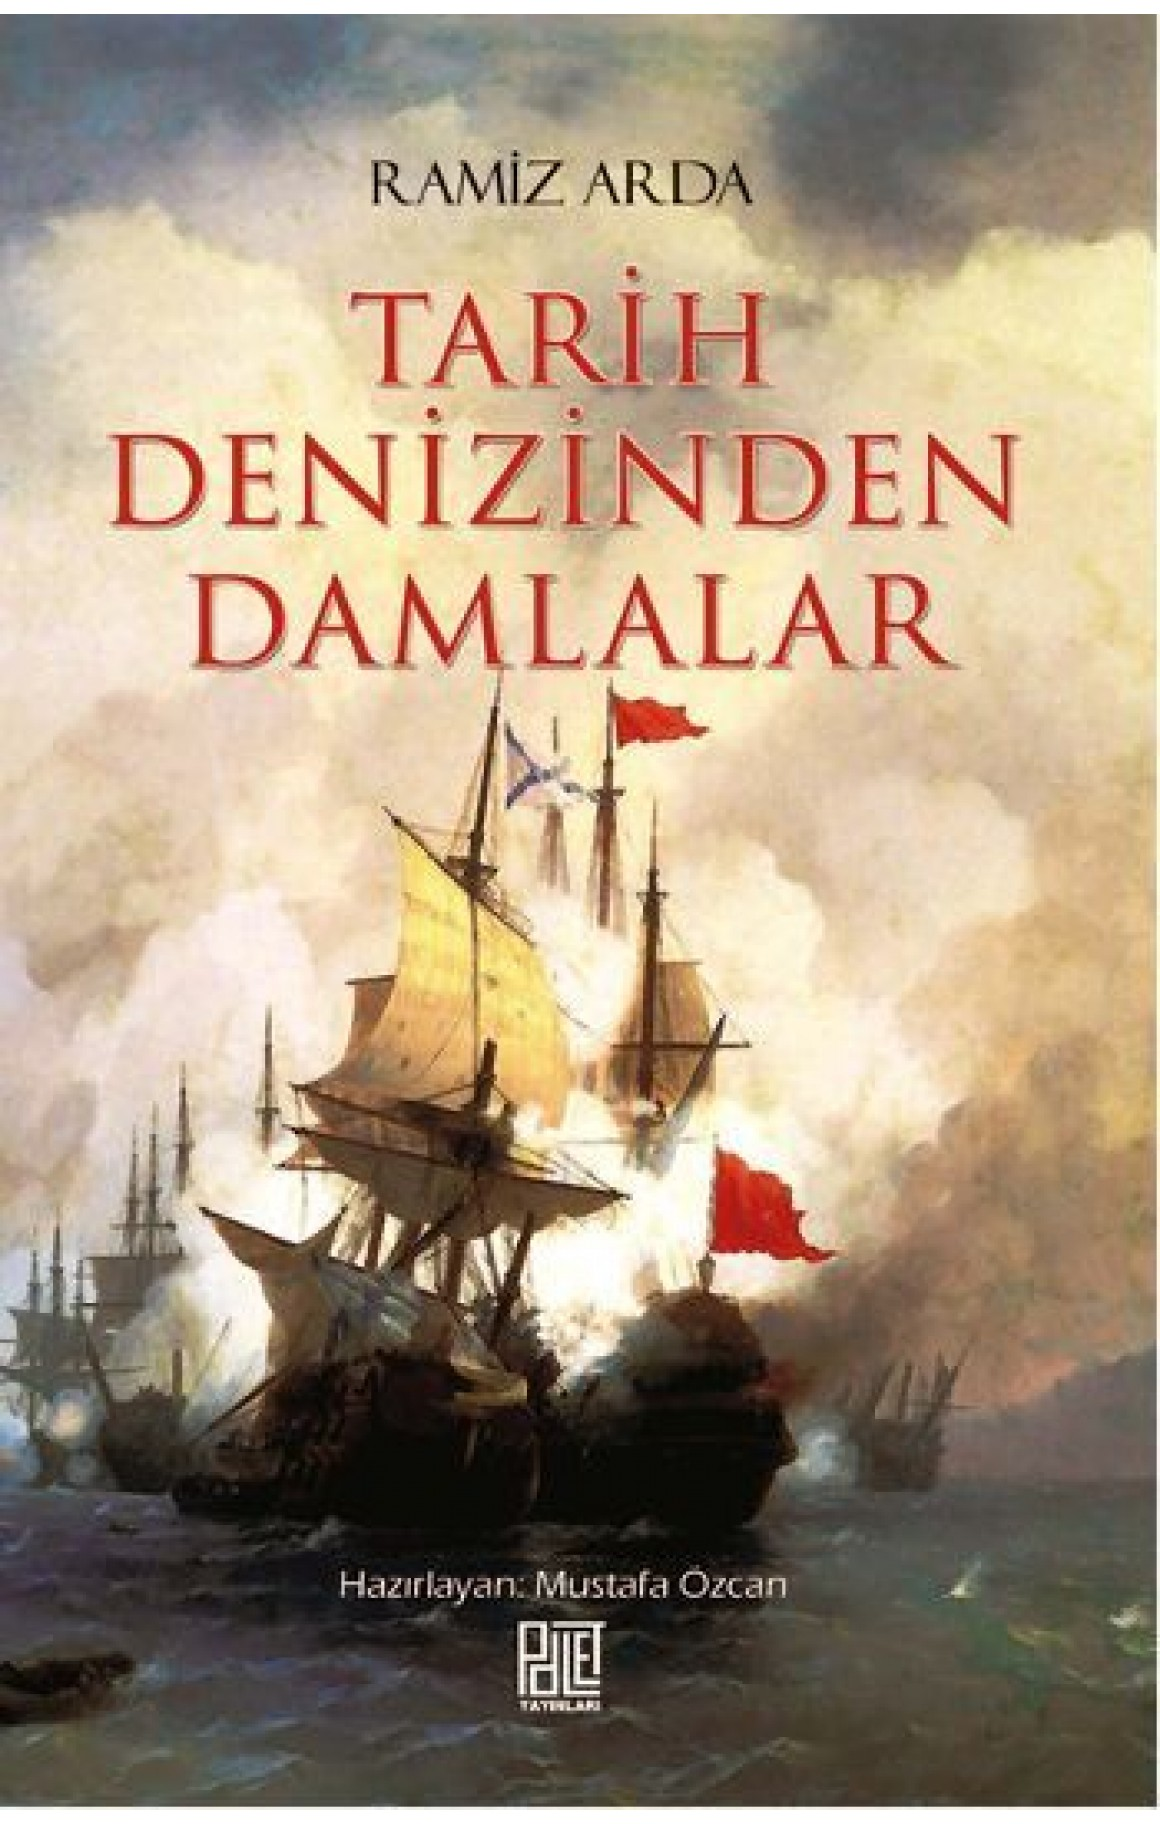 Tarih Denizinden Damlalar